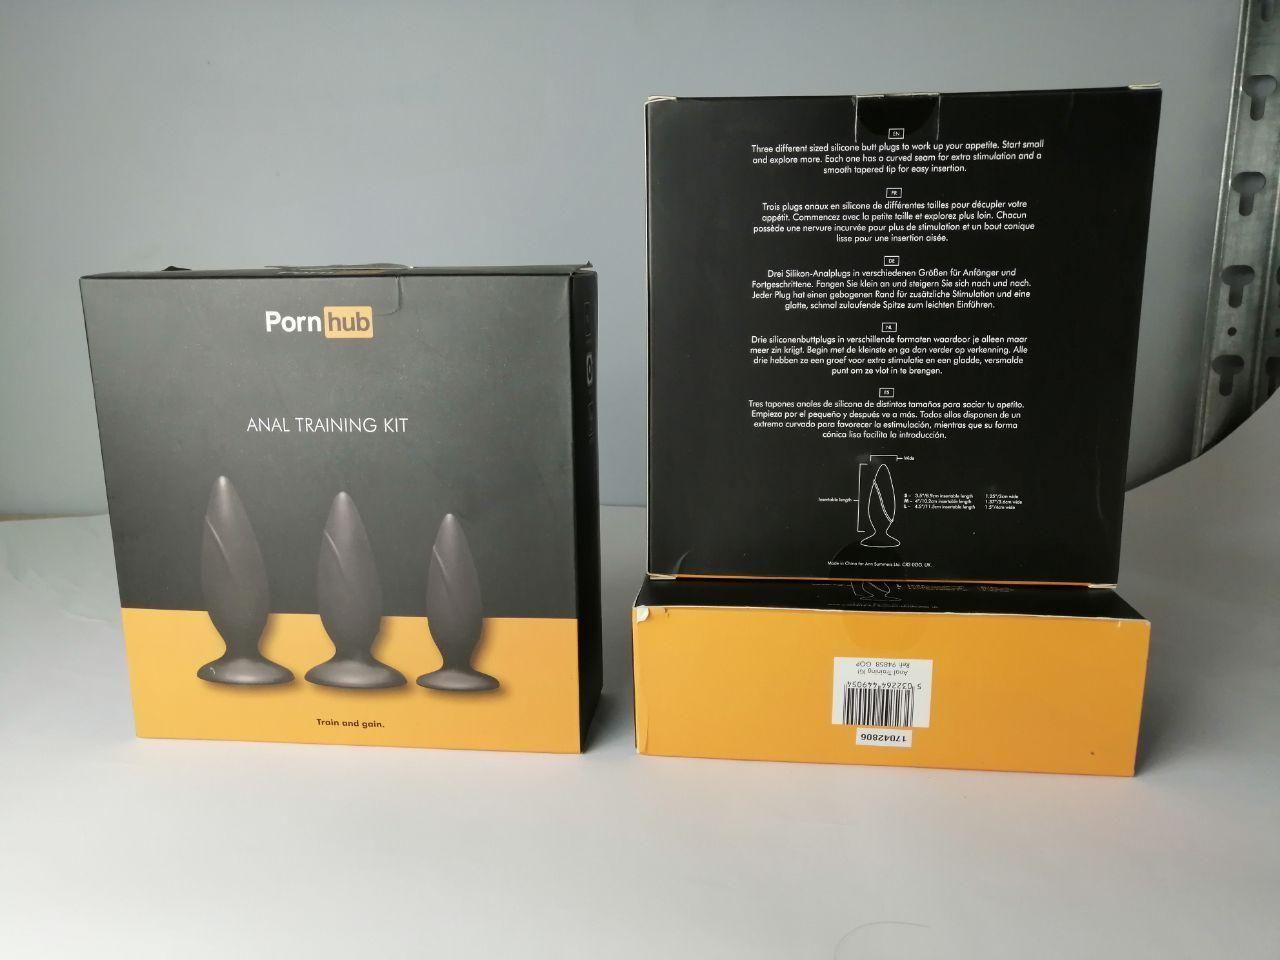 Набор анальных пробок Pornhub Anal Training Kit (незначительные дефекты упаковки)